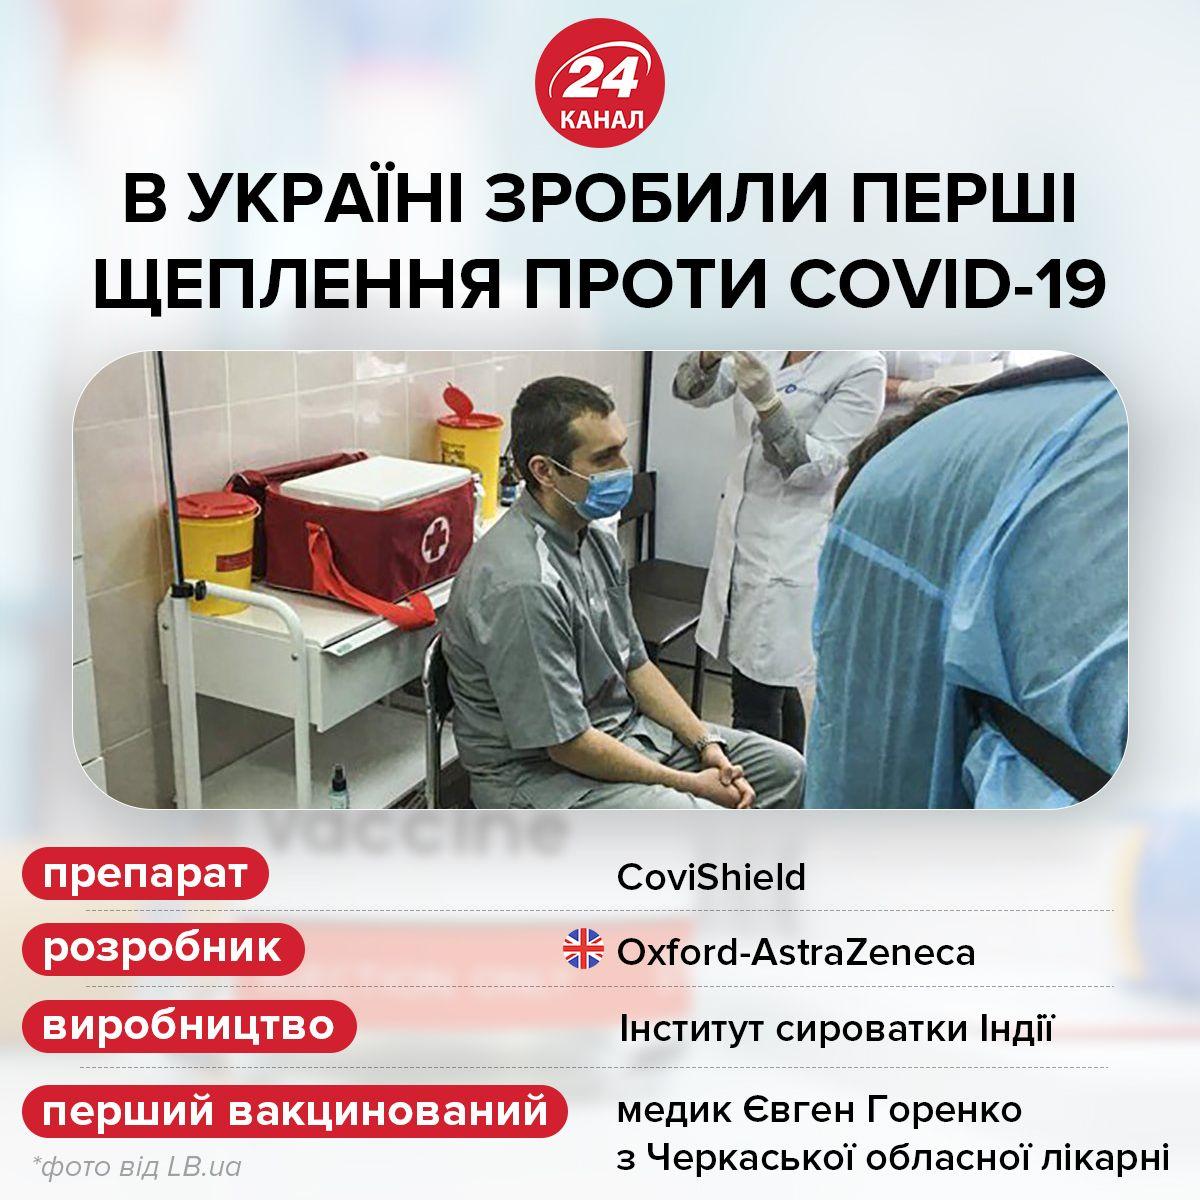 Перші щеплення проти коронавірусу в Україні / Інфографіка 24 каналу